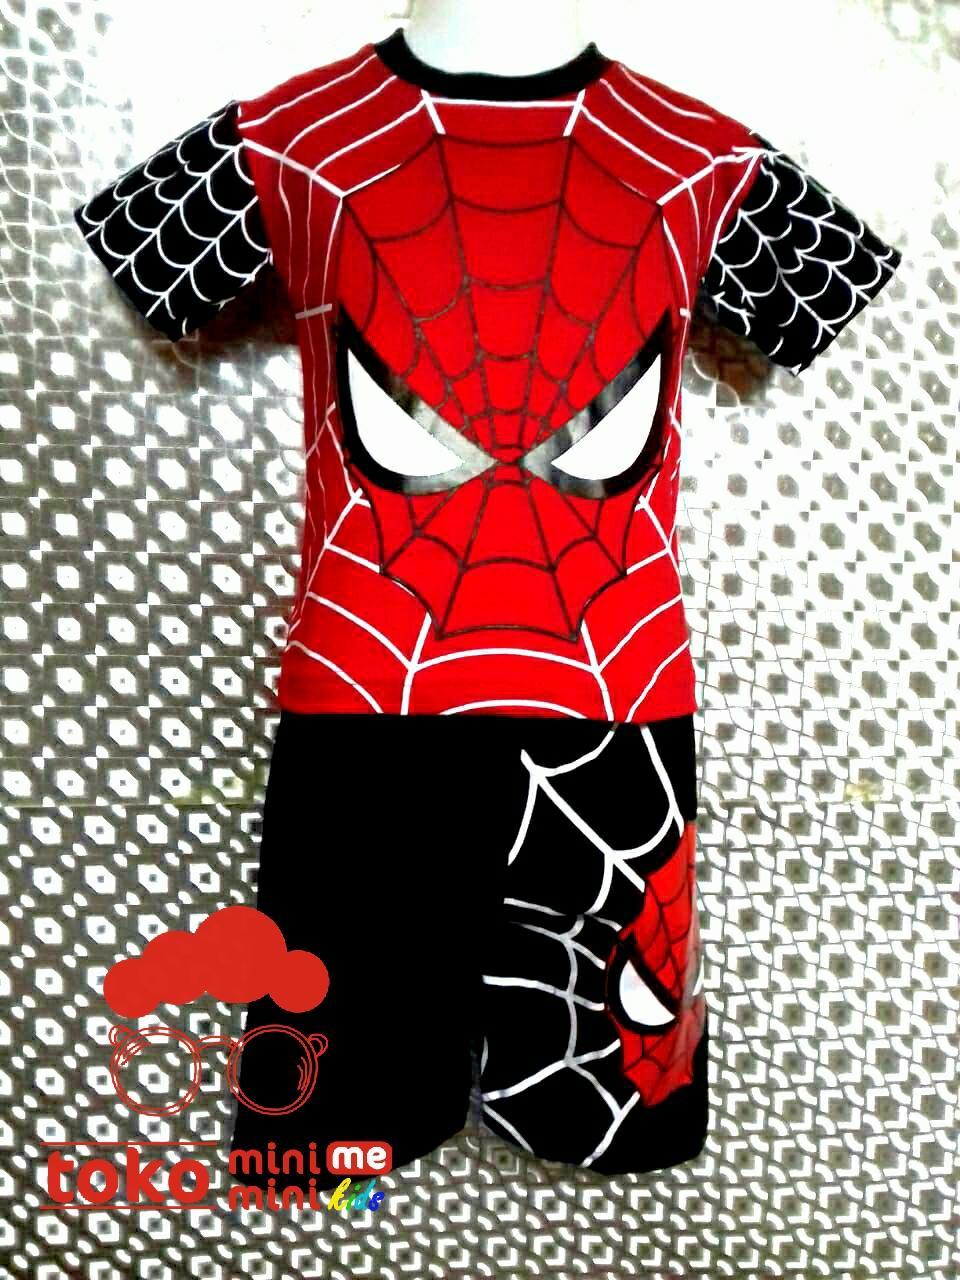 miniME - Setelan Anak Karakter Spiderman 001 4090774f13